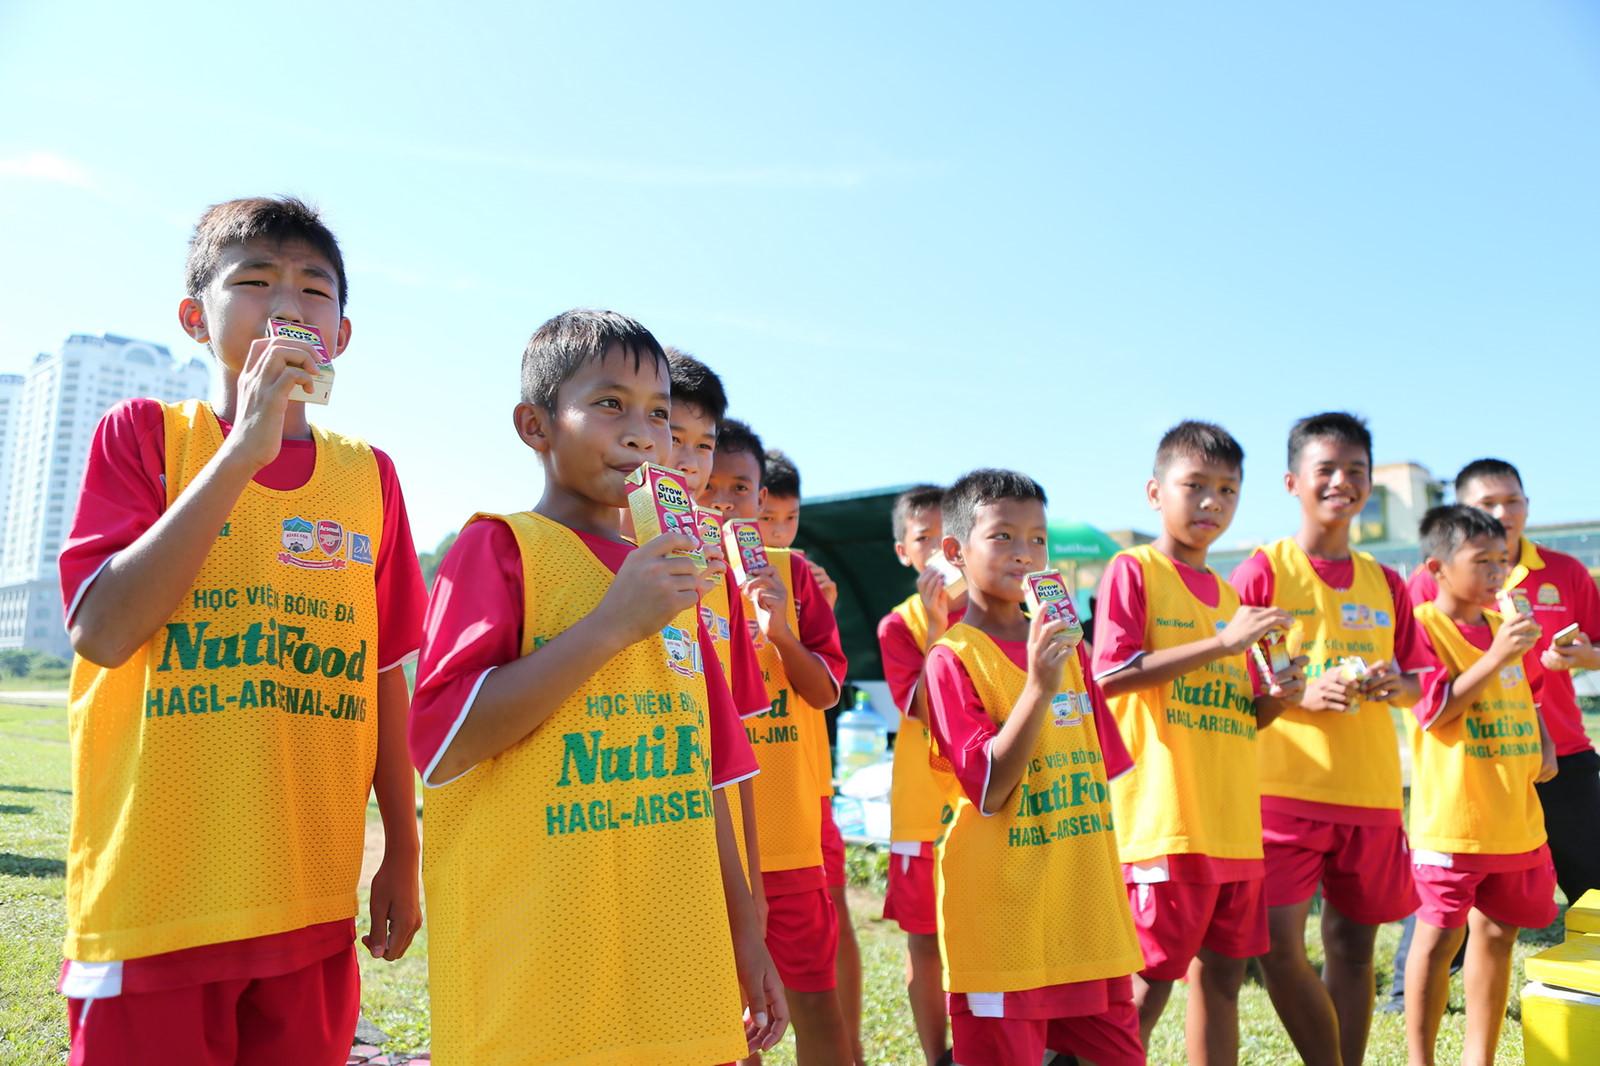 Sữa Grow Plus đỏ của Nutifood nuôi dưỡng các cầu thủ nhí